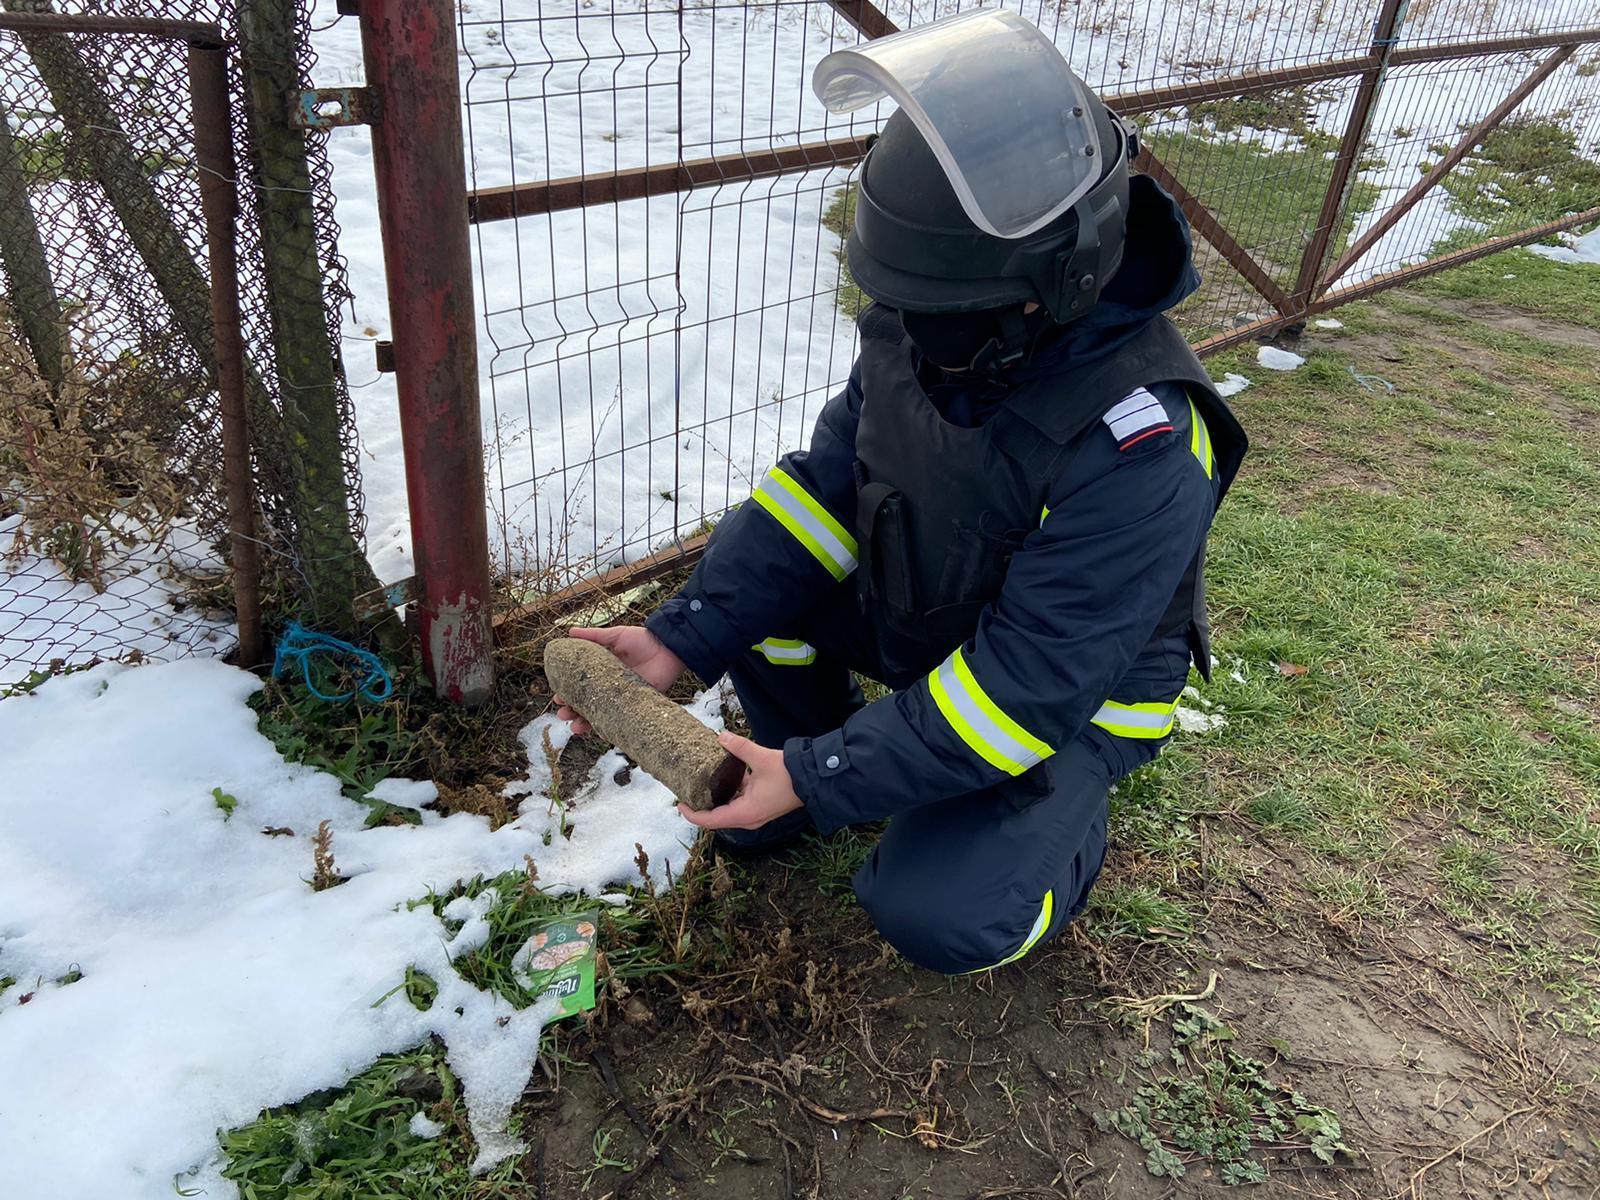 A descoperit un proiectil când își consolida gardul